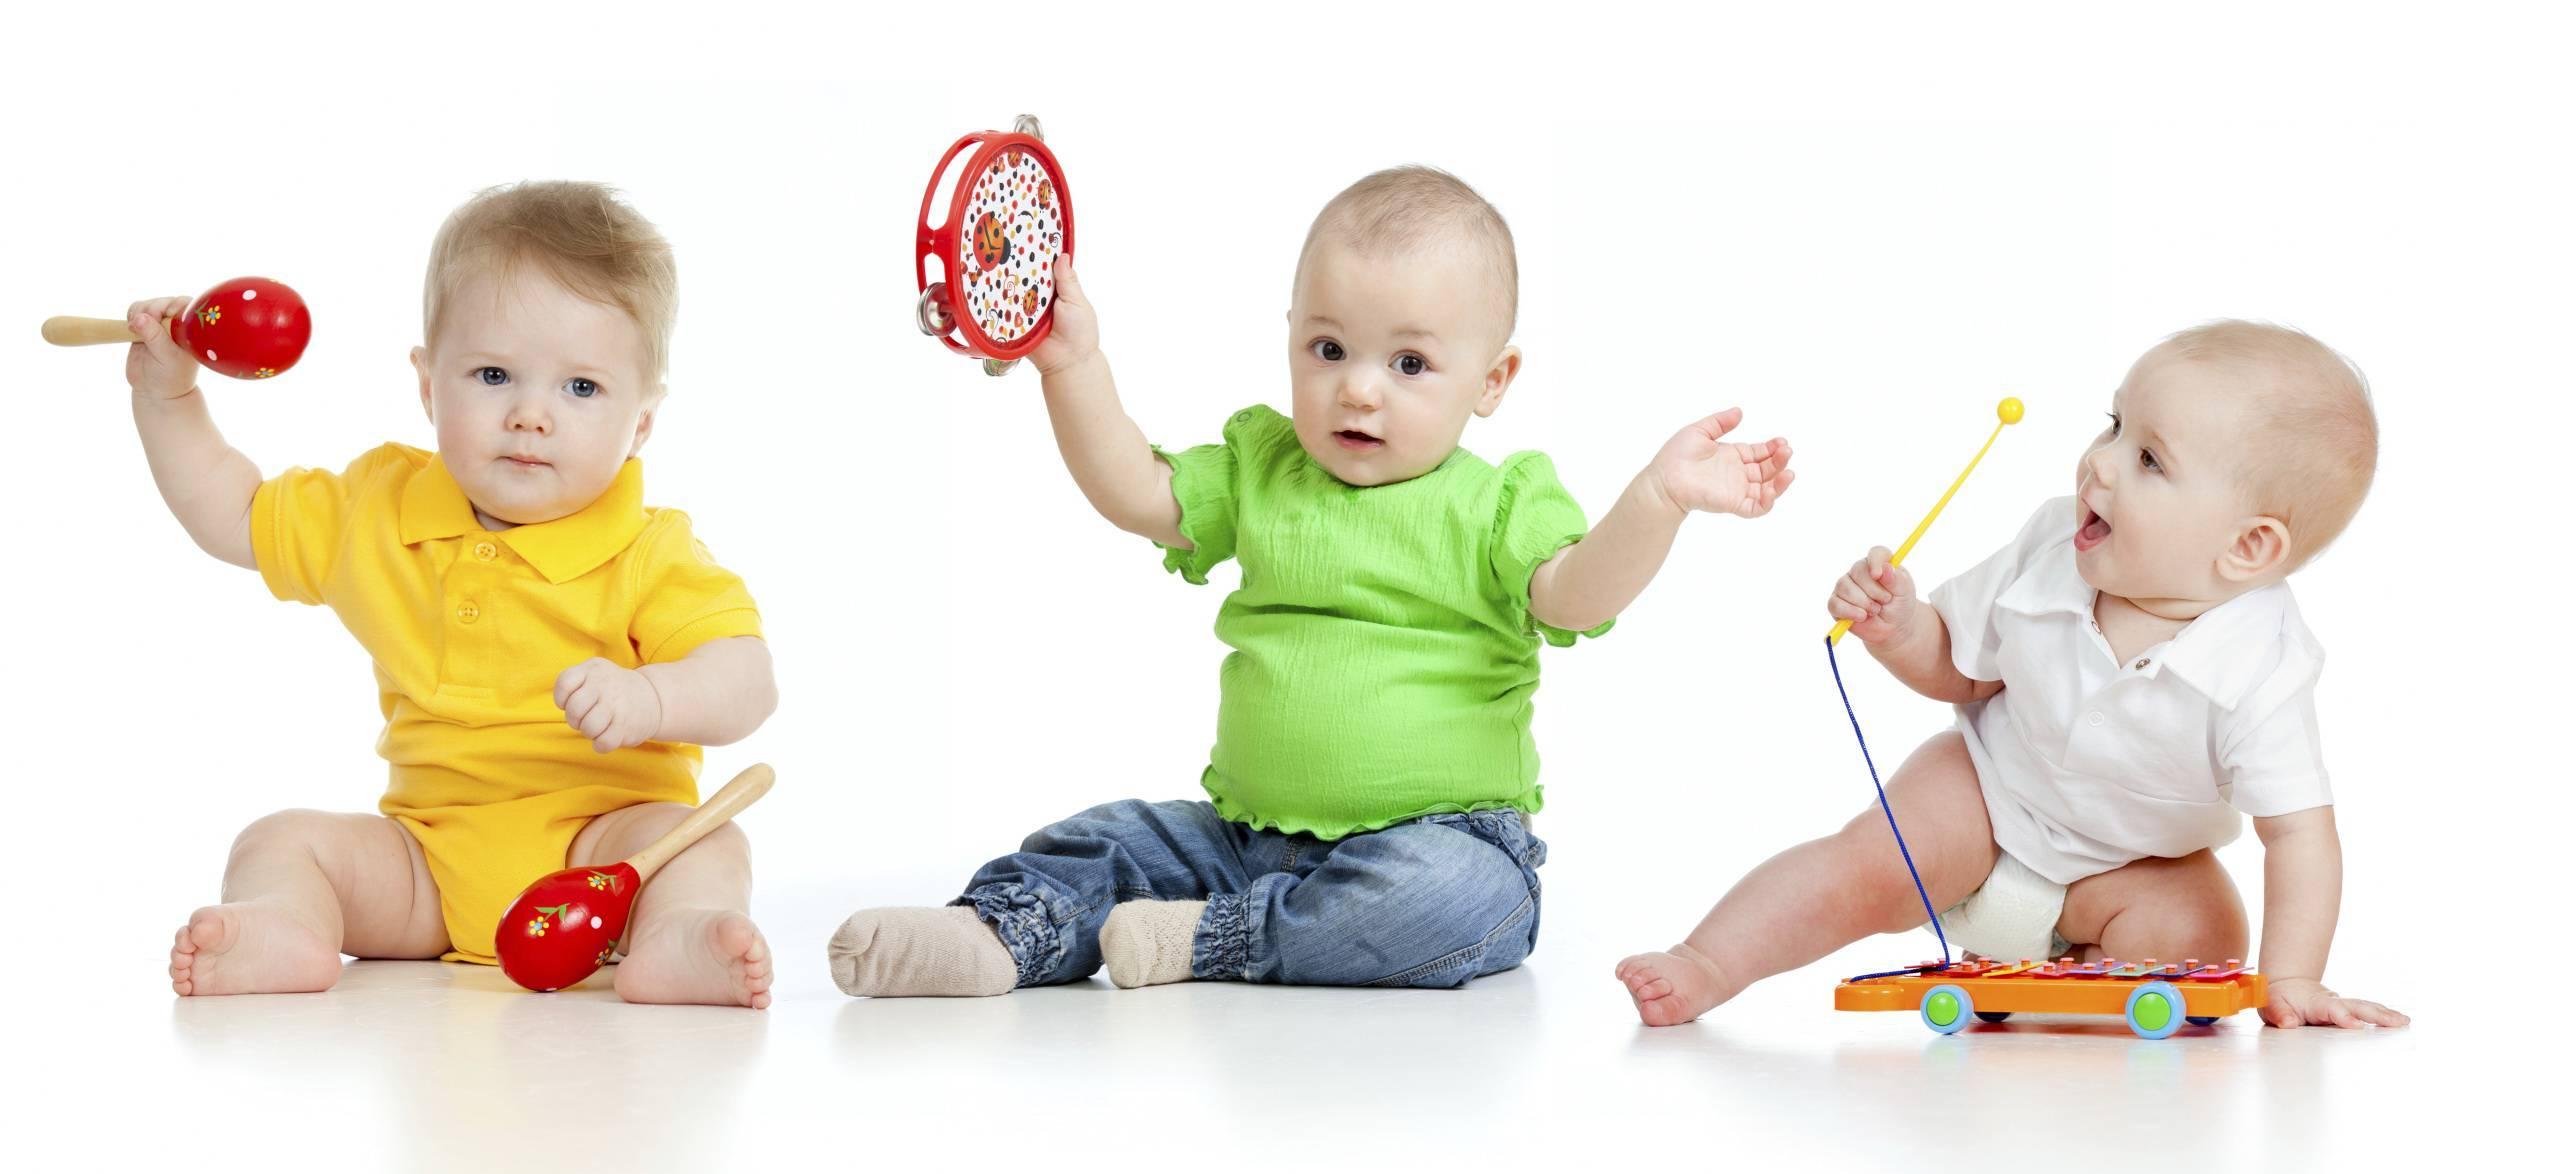 tre bambini si divertono a suonare con piccoli strumenti